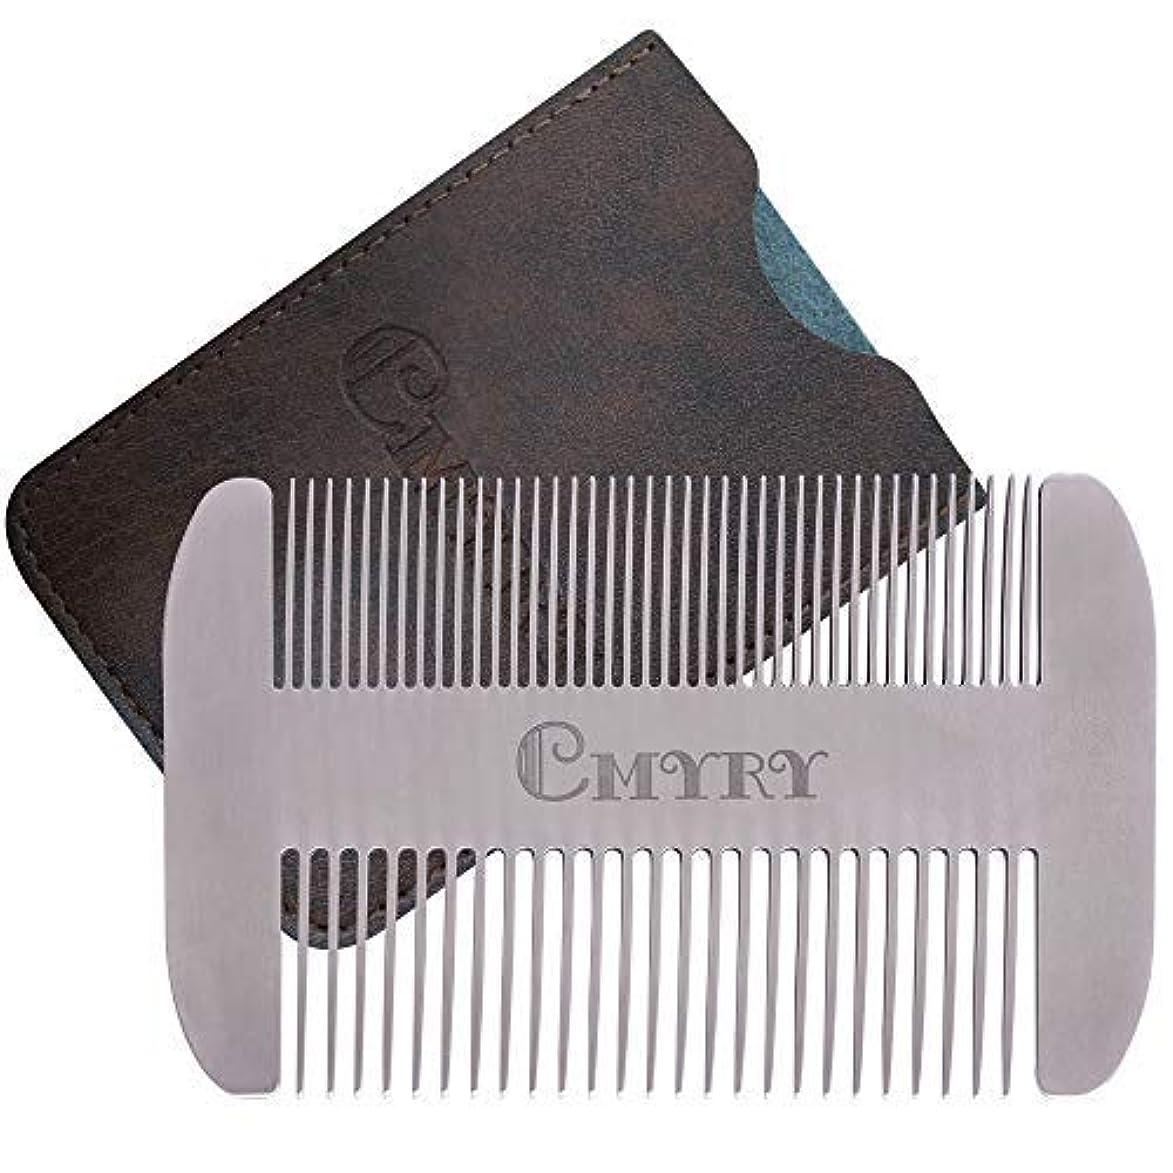 普及ハチ文句を言うBeard Comb EDC Mustache Stainless Steel Wallet Comb Beard & Hair Pocket Mini Anti-Static Comb for Man(travel metal...